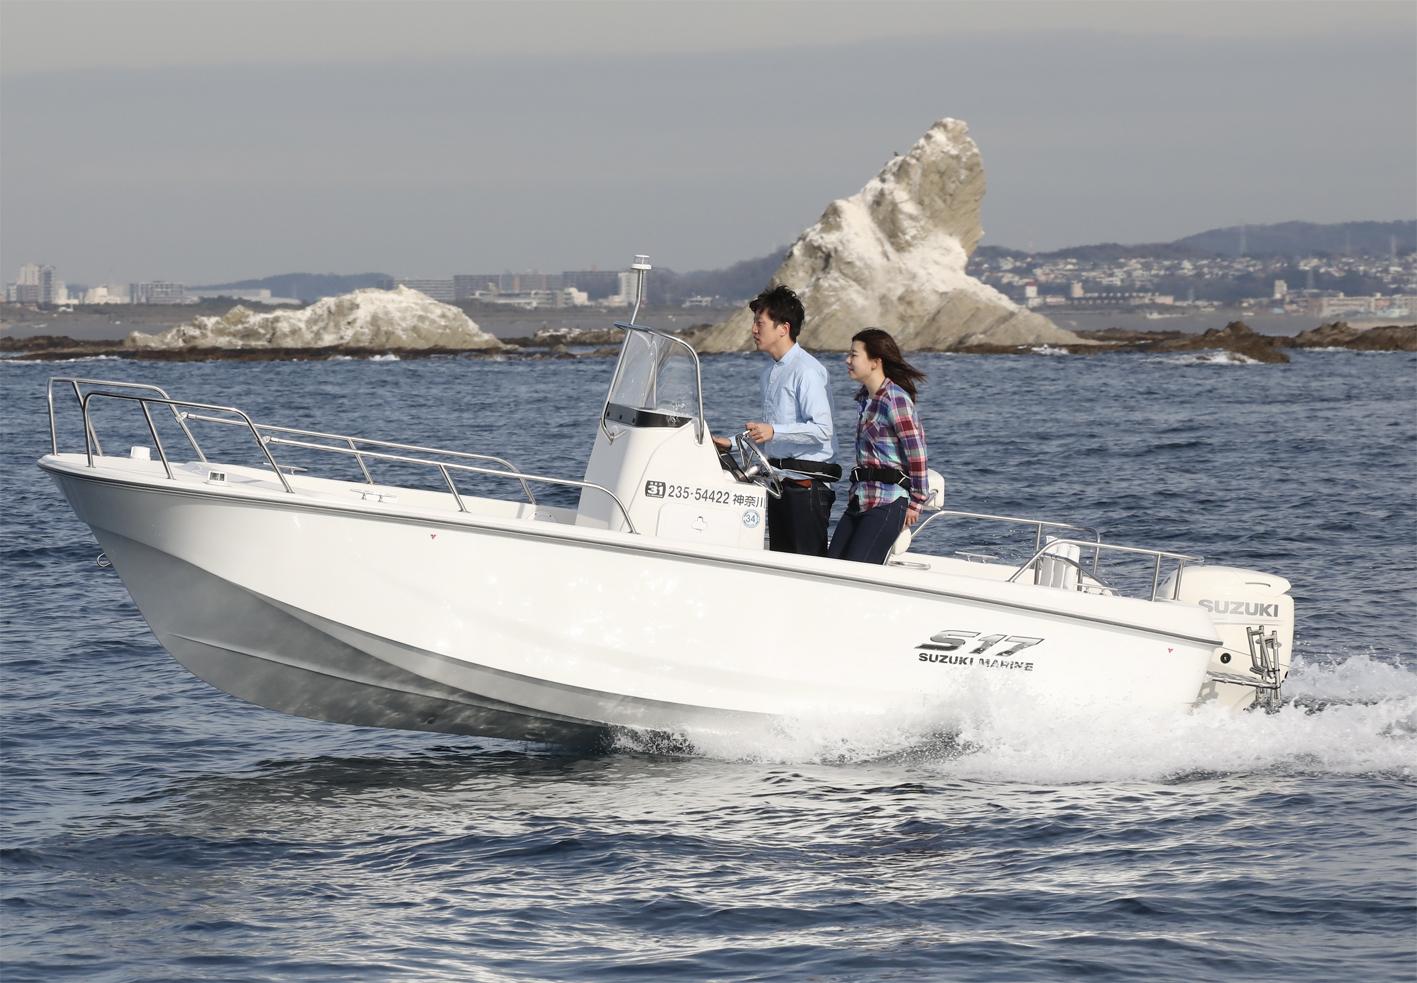 SUZUKI S17 インプレッション